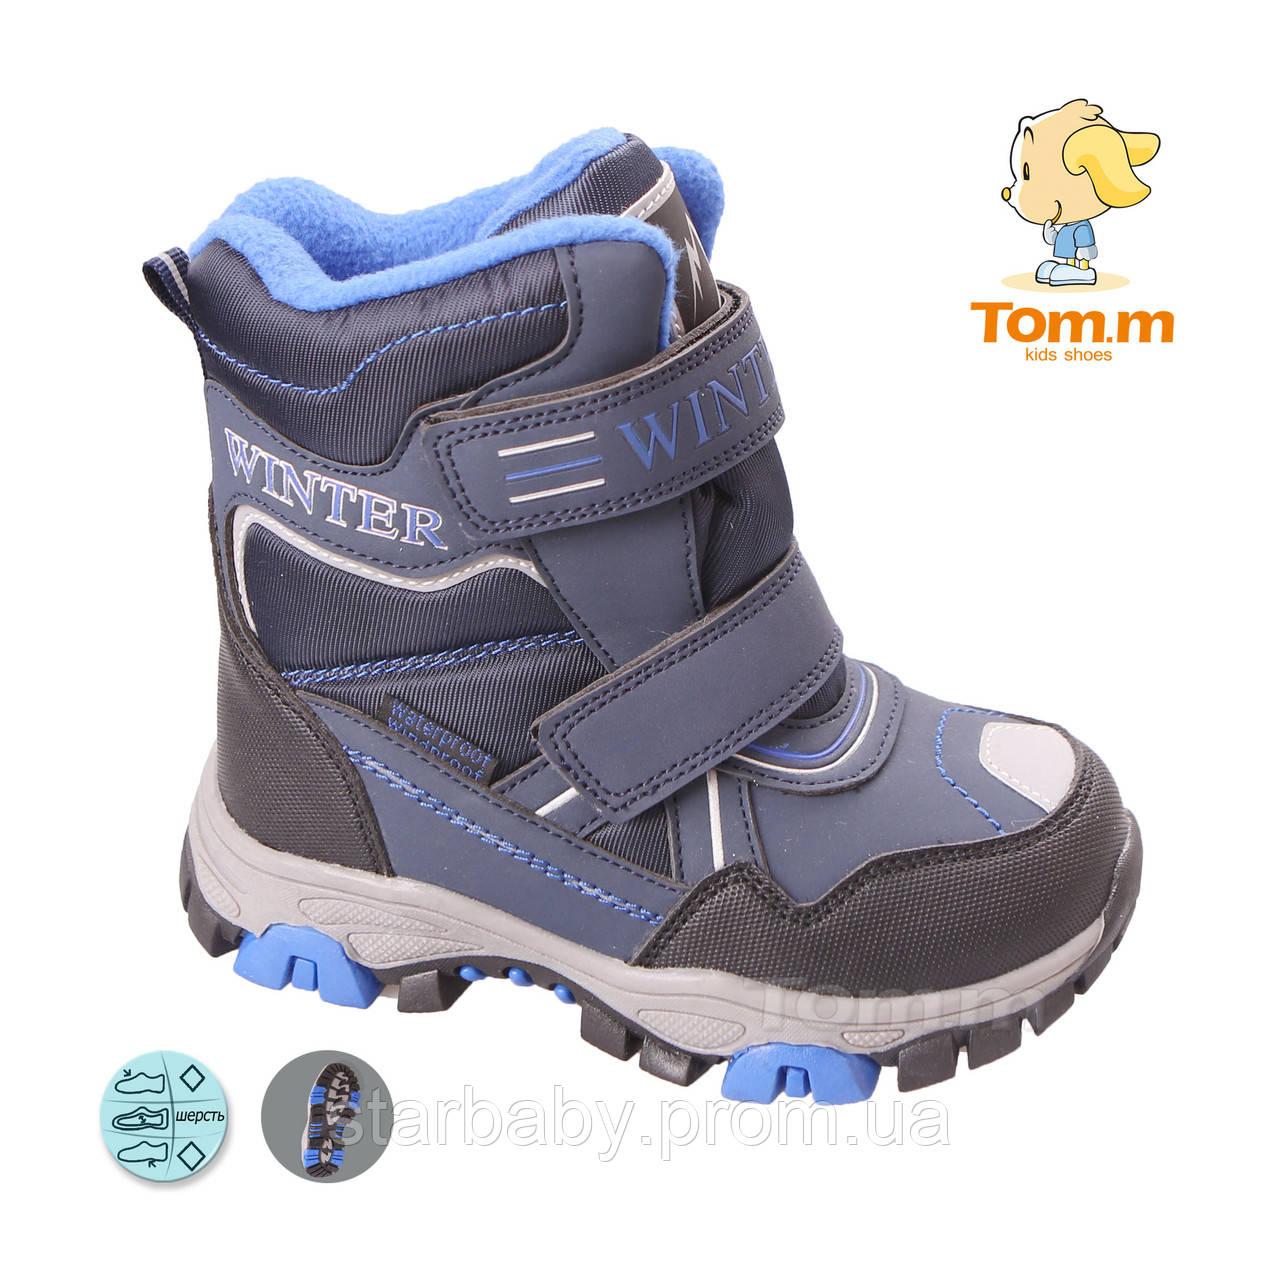 77b349db5 Дутики водонепроницаемая обувь для мальчиков средние размеры 28-33 оптом